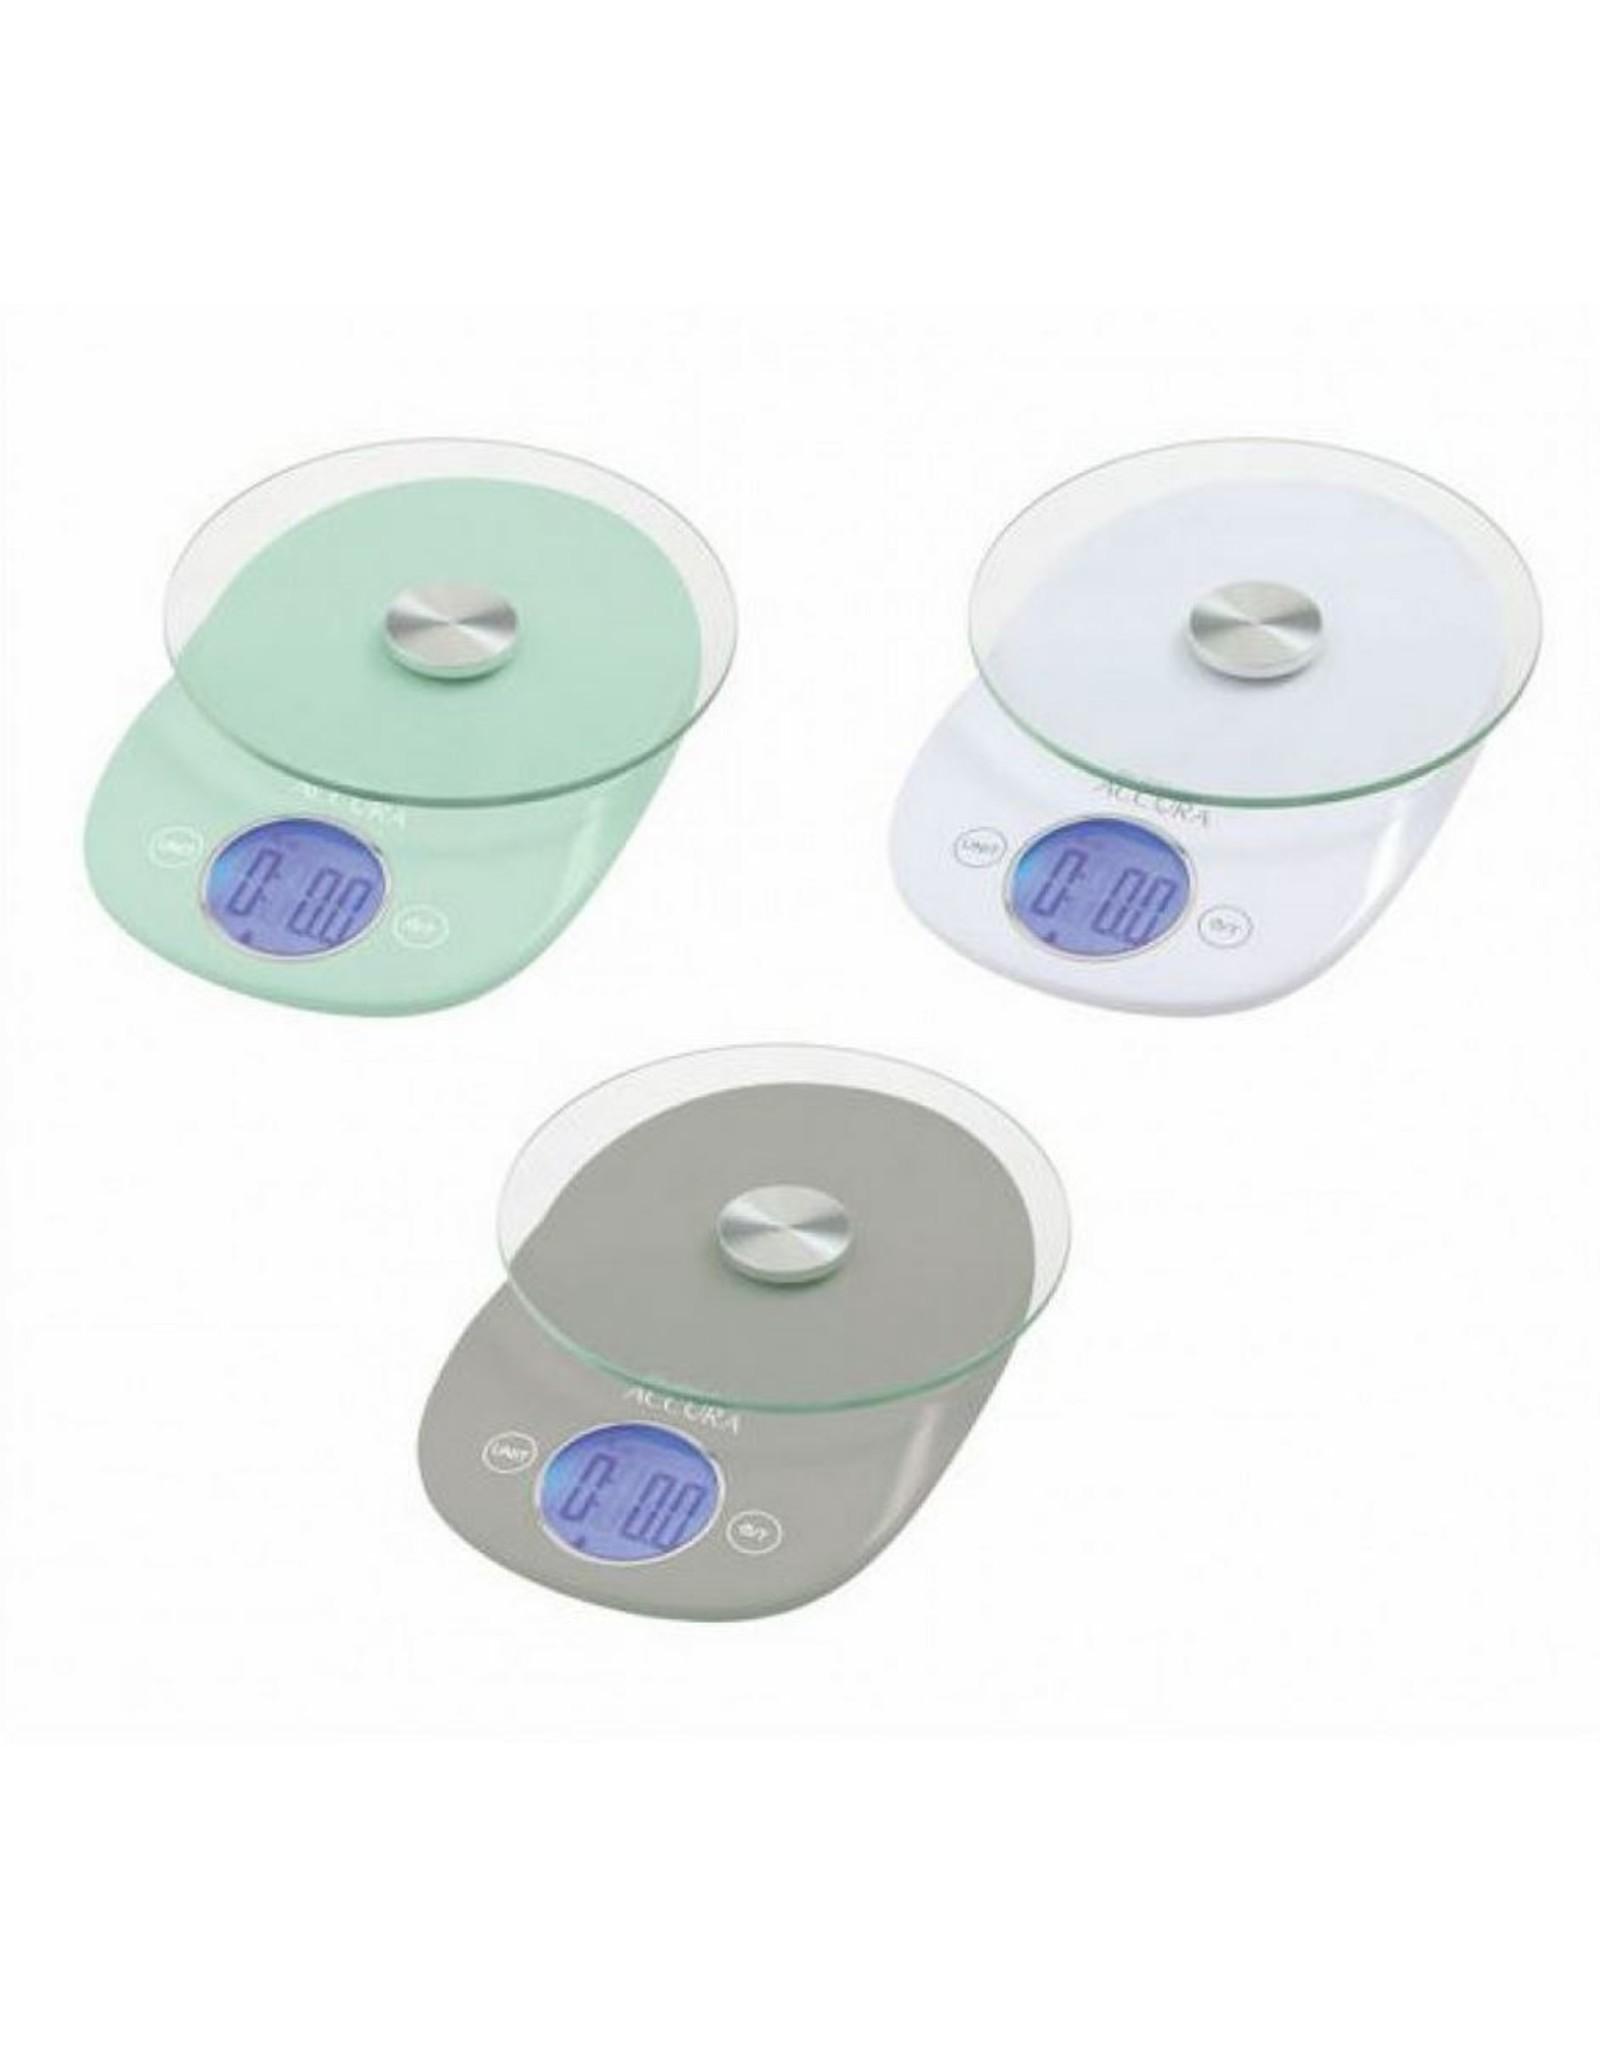 Accura Clio Glass Elect Scale Assorted Colours